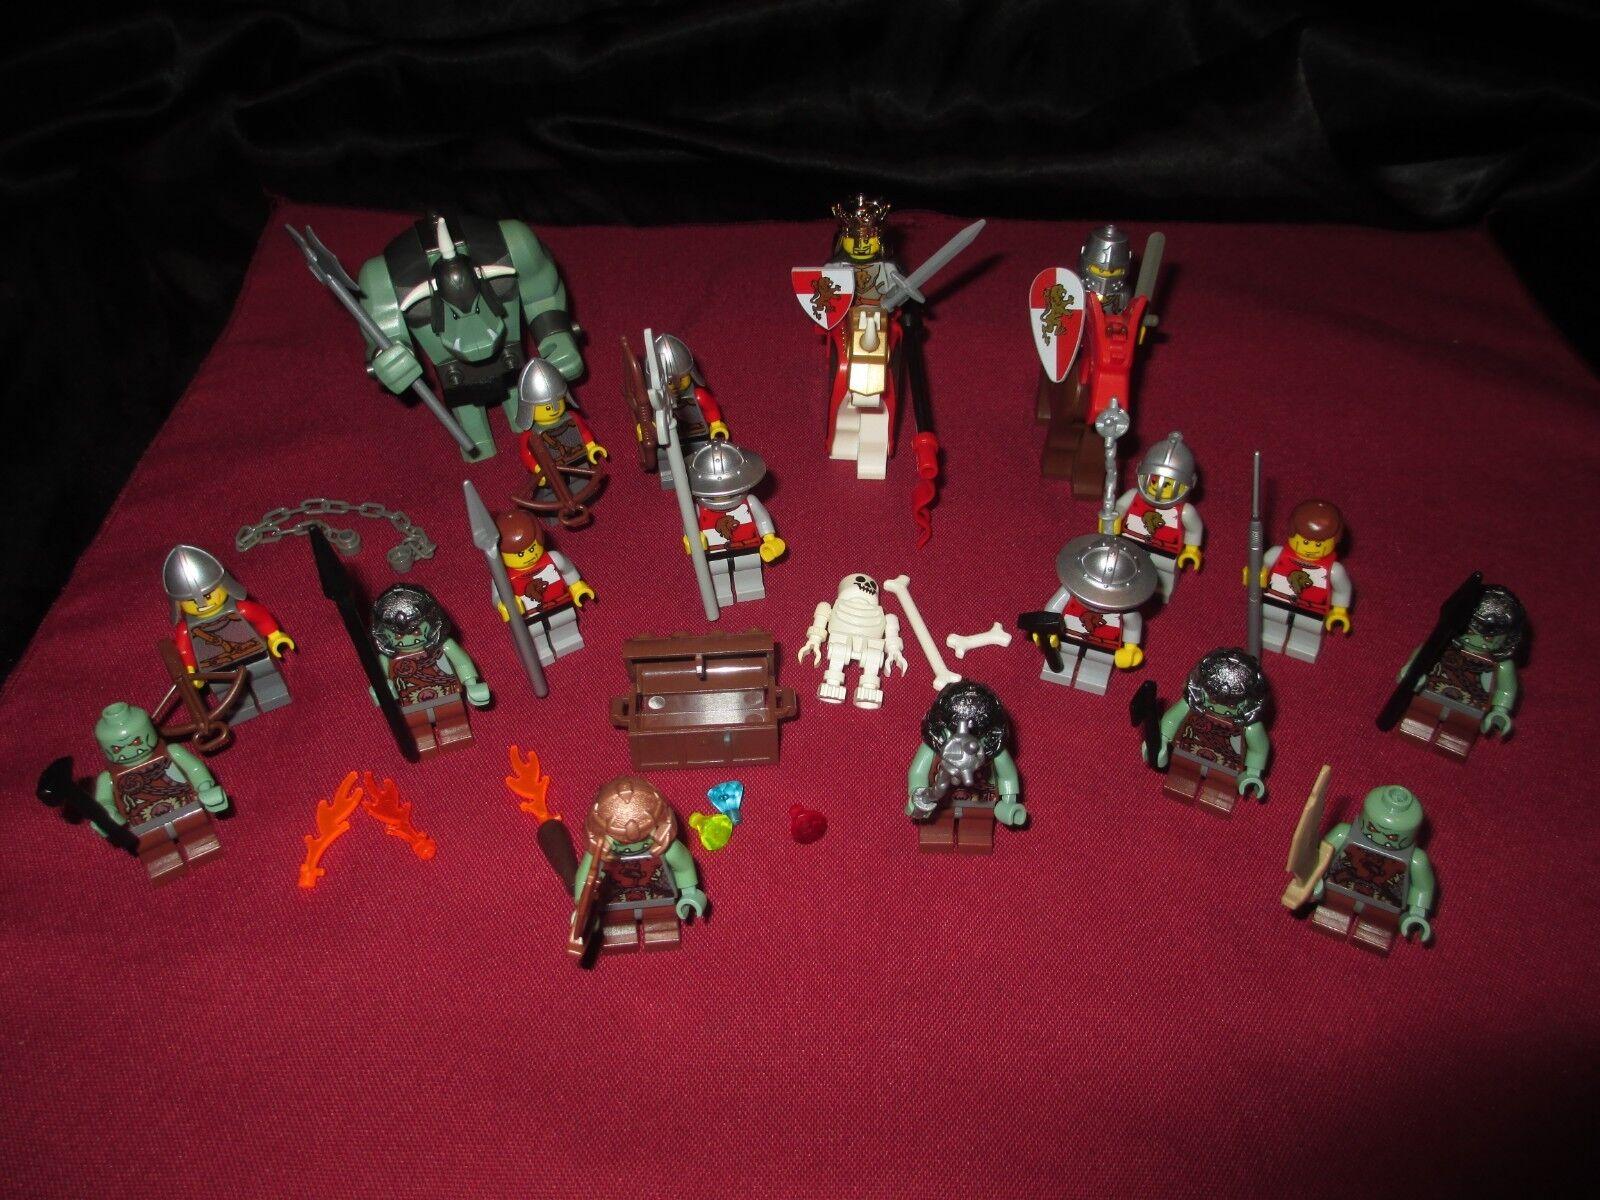 Lego Castle minifigures lot Knight, soldats,  chevaux, Armor, Trolls, armes,  offres de vente